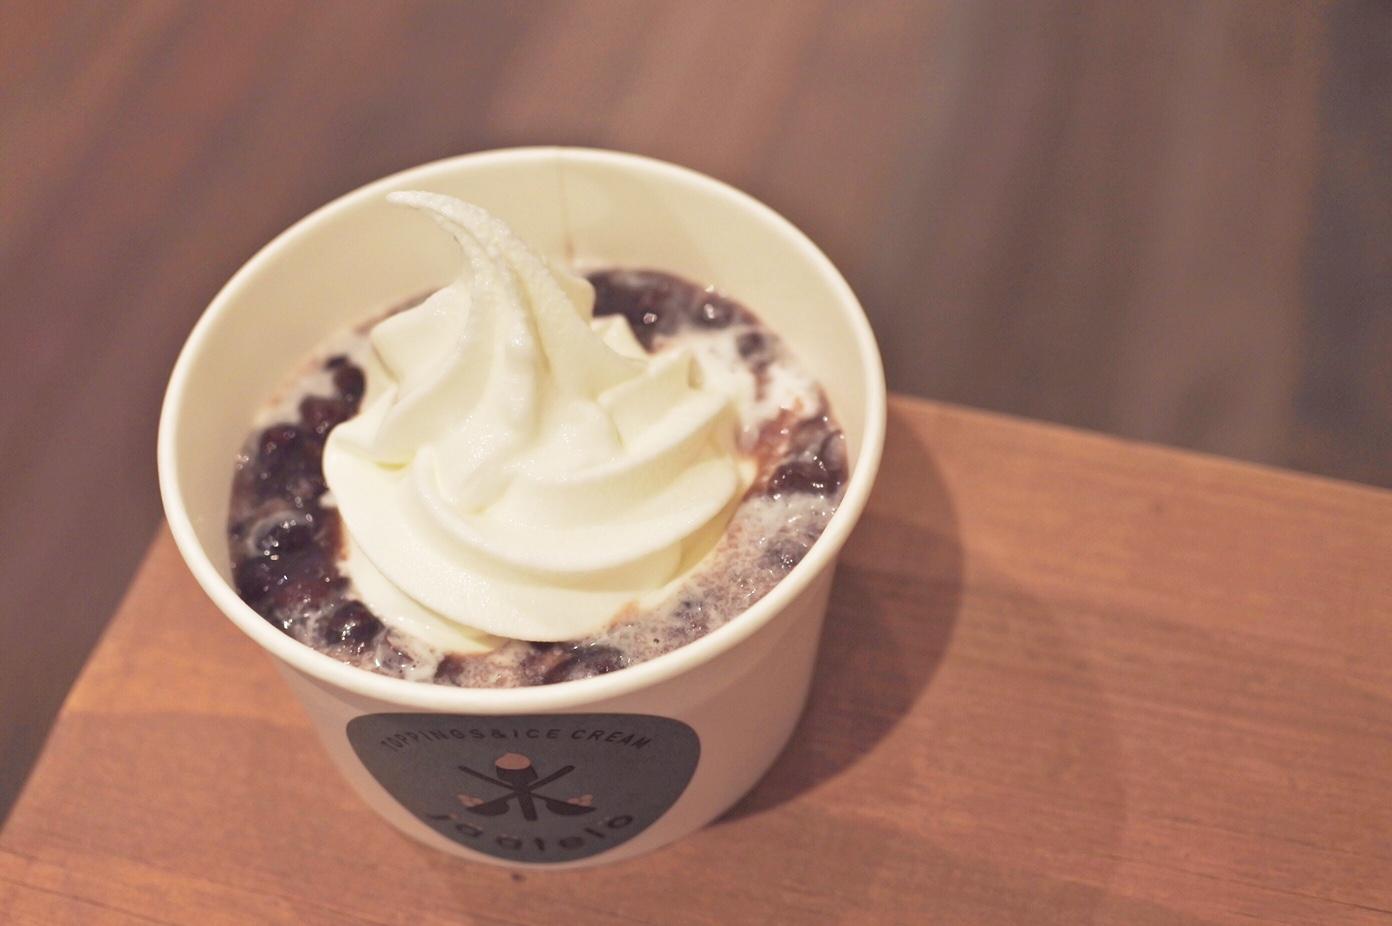 アフォガードにクリームぜんざい!?『アニーのアイスクリーム屋さん』の冬メニュー - IMG 6916